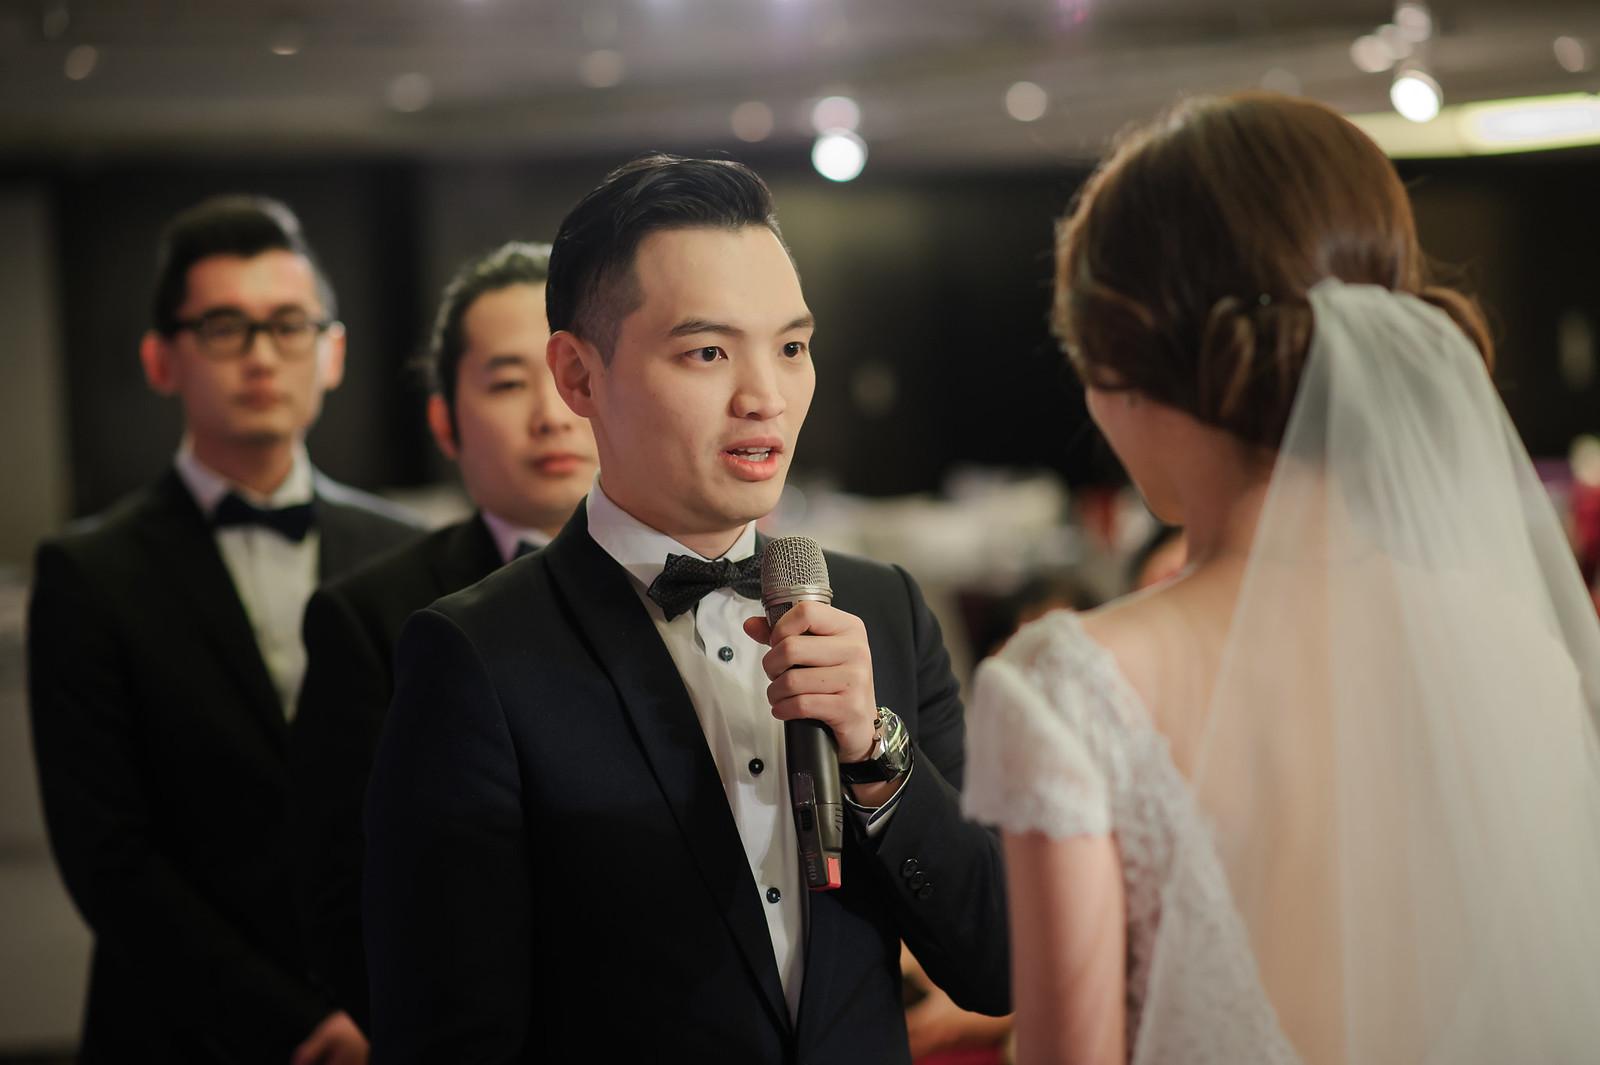 台北婚攝, 婚禮攝影, 婚攝, 婚攝守恆, 婚攝推薦, 晶華酒店, 晶華酒店婚宴, 晶華酒店婚攝-42